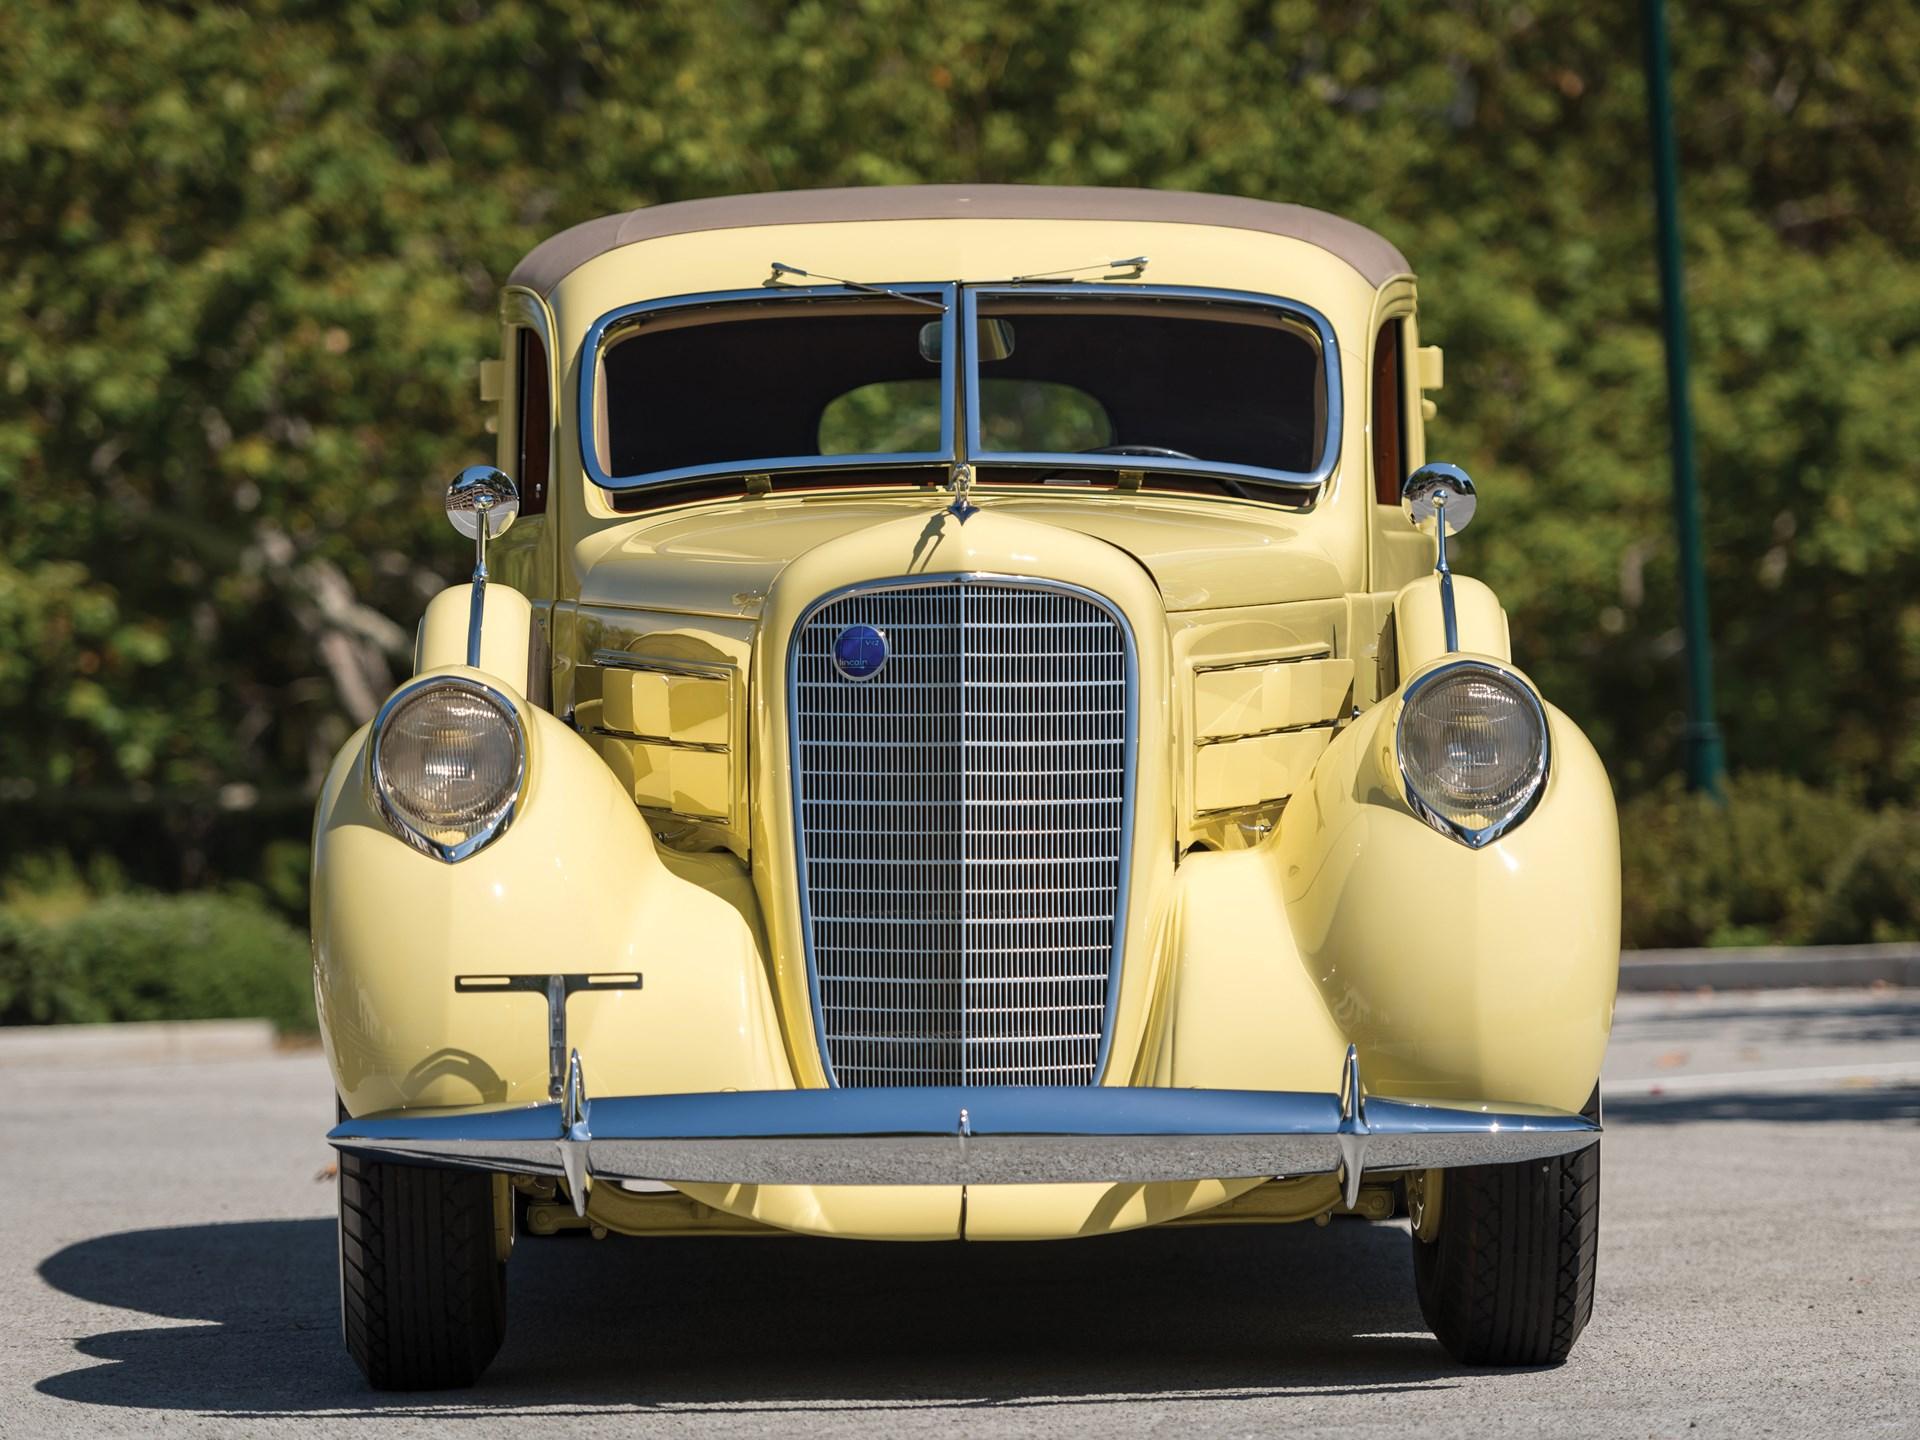 1937 Lincoln Model K Two-Window Berline by Judkins